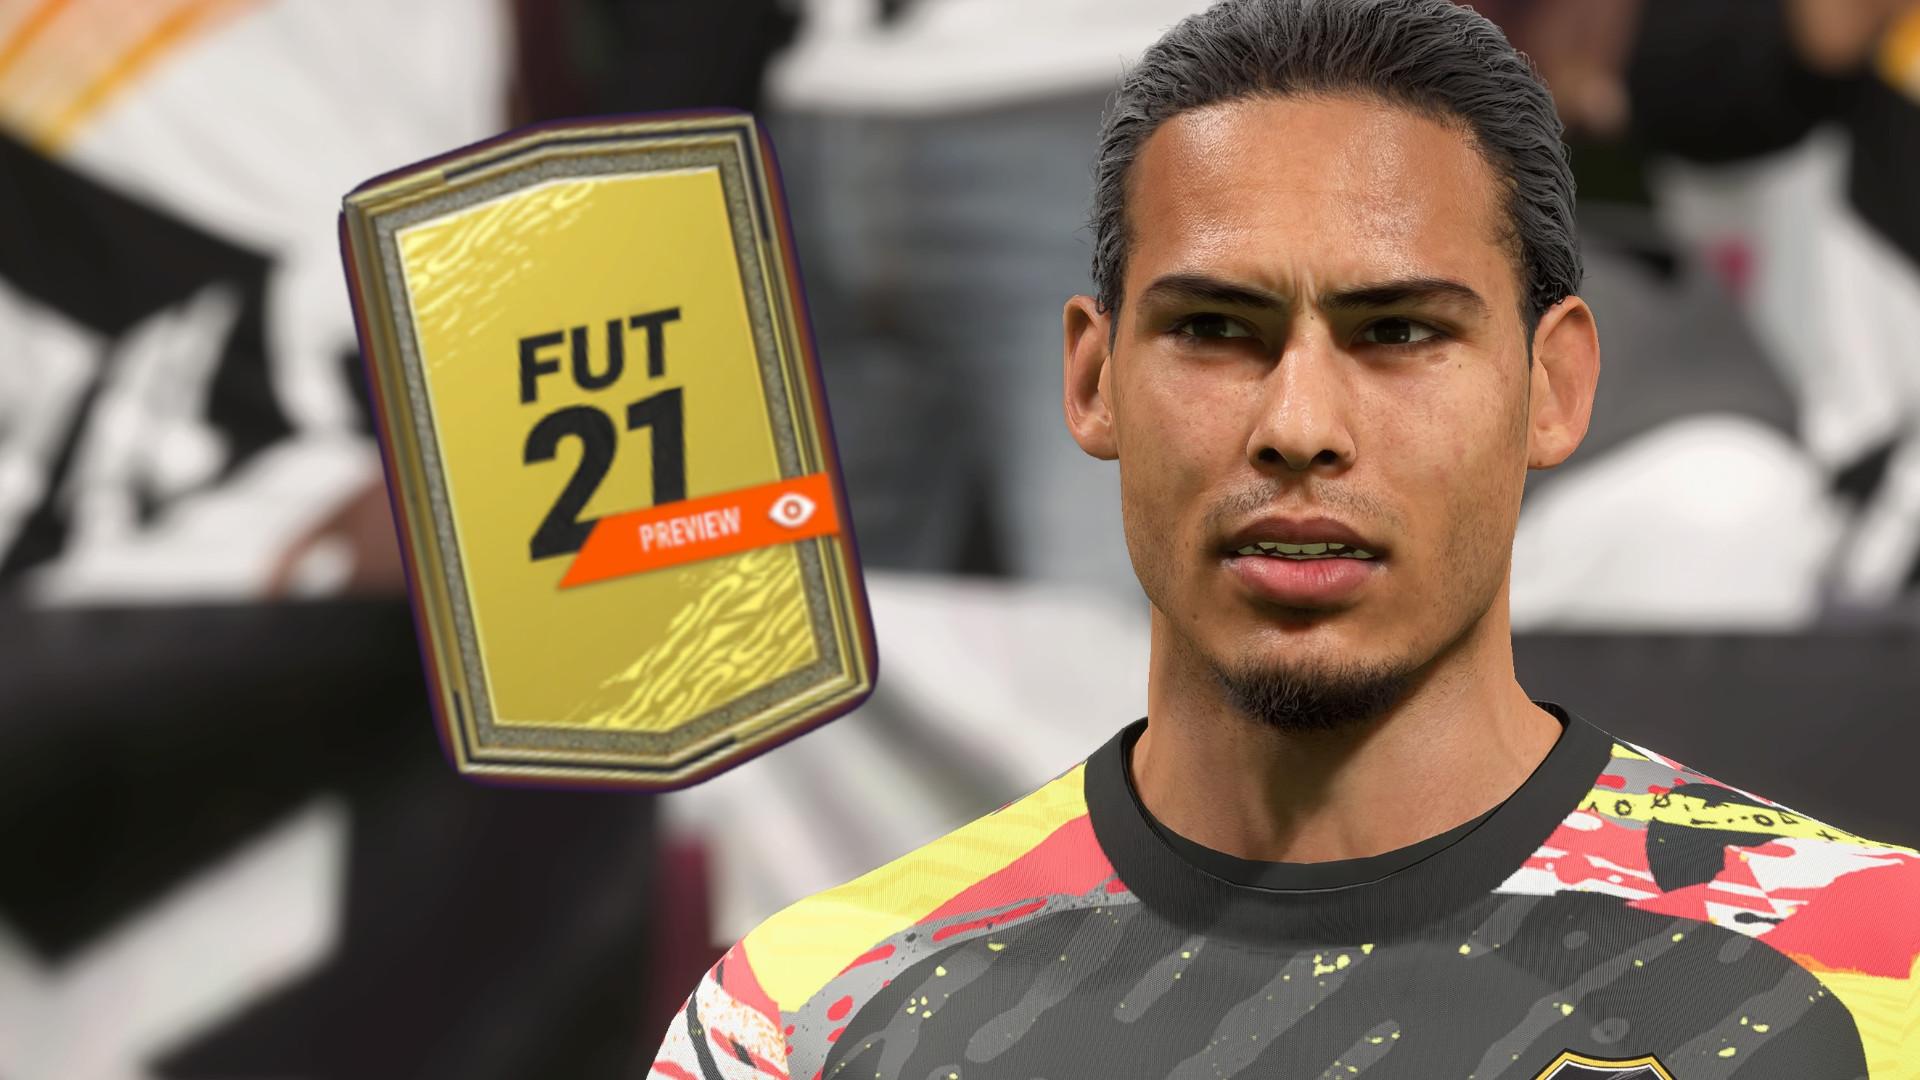 FIFA 21: Großes Futties-Occasion beginnt und verändert die spannenden Preview-Packs